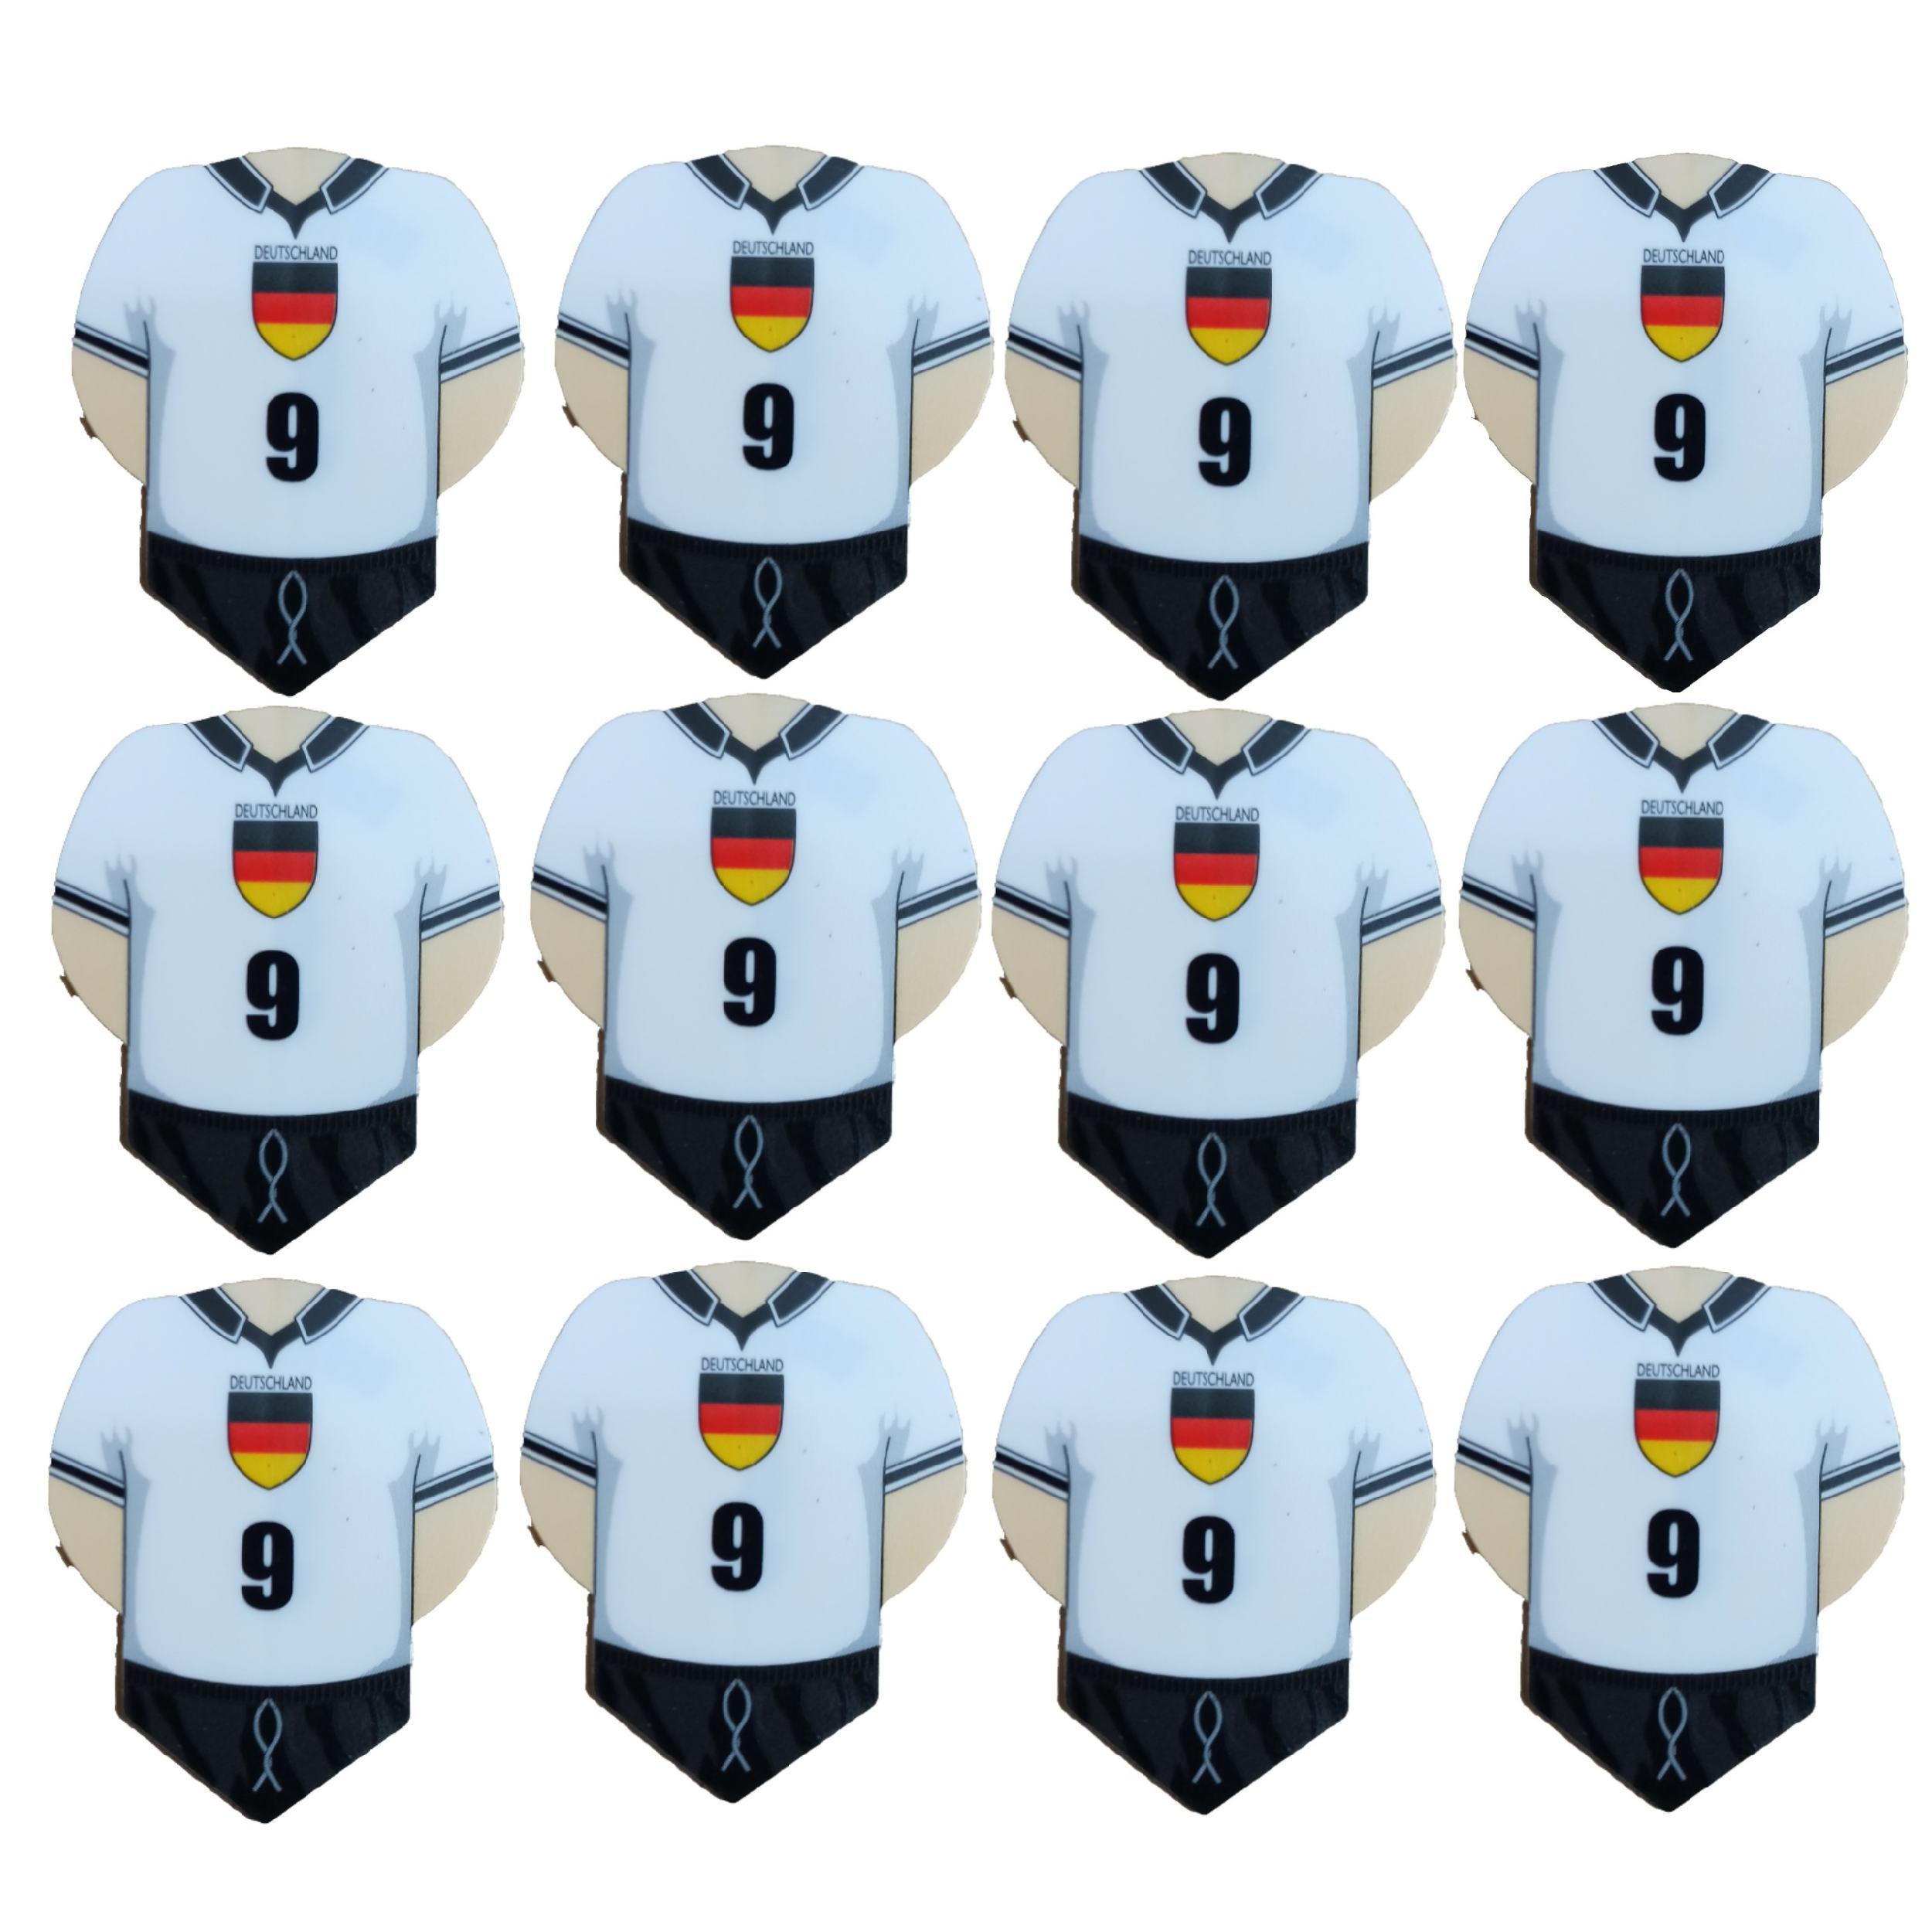 پر یدک دارت طرح لباس تیم آلمان کد 1 بسته 12 عددی